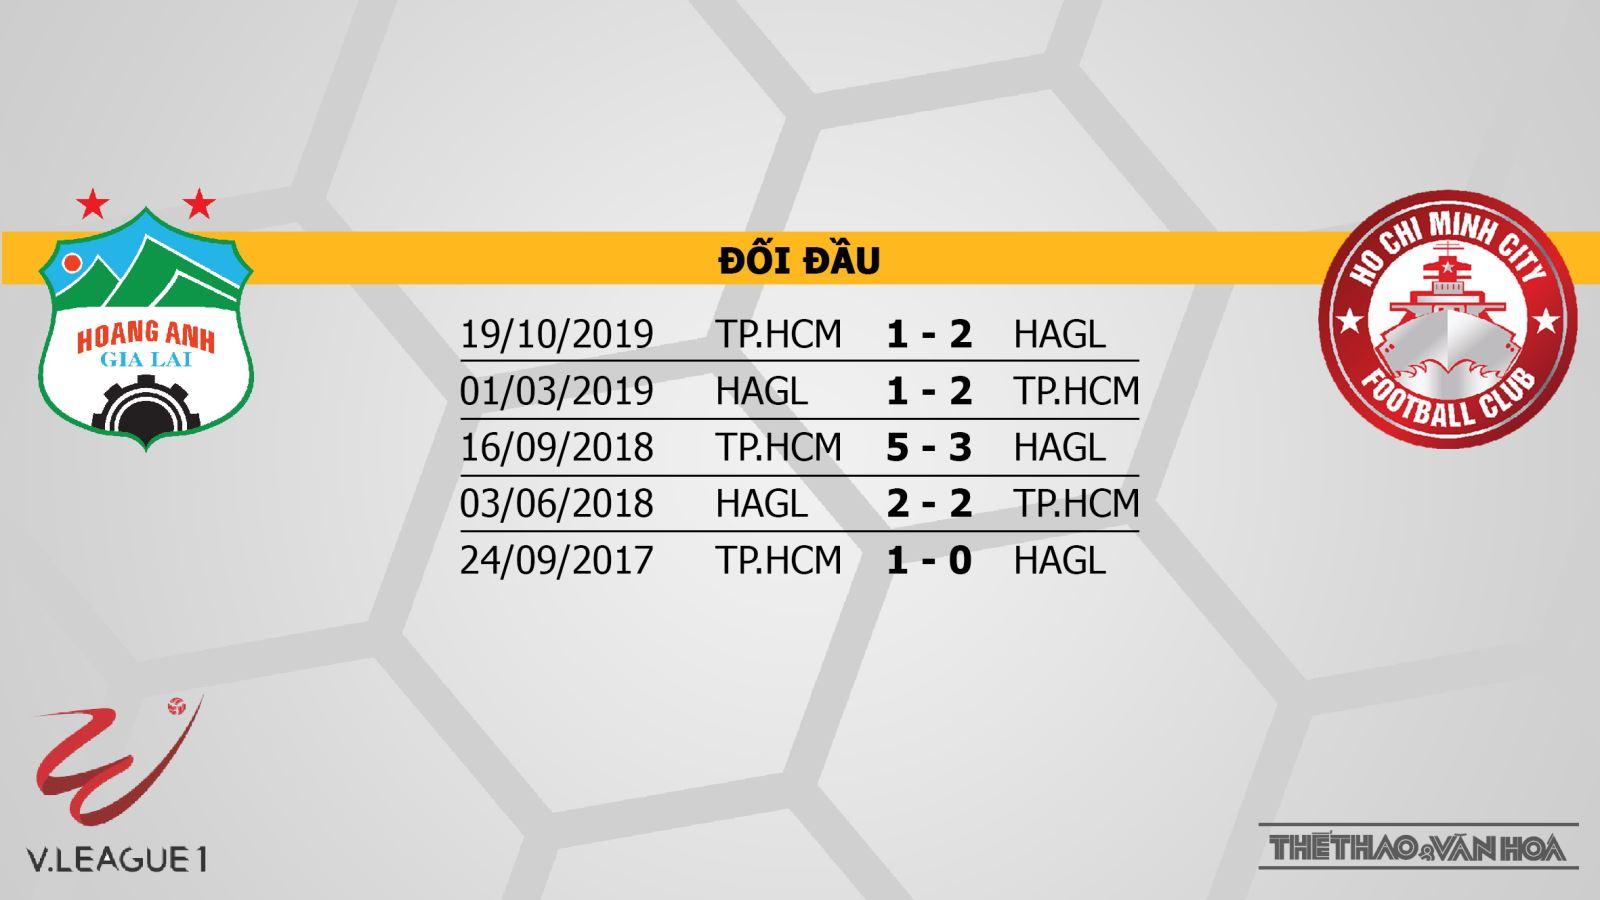 HAGL vs TP.HCM, soi kèo bóng đá, kèo bóng đá, kèo bóng đá HAGL vs TP.HCM, HAGL, TP.HCM, dự đoán bóng đá, trực tiếp bóng đá, trực tiếp HAGL vs TP.HCM